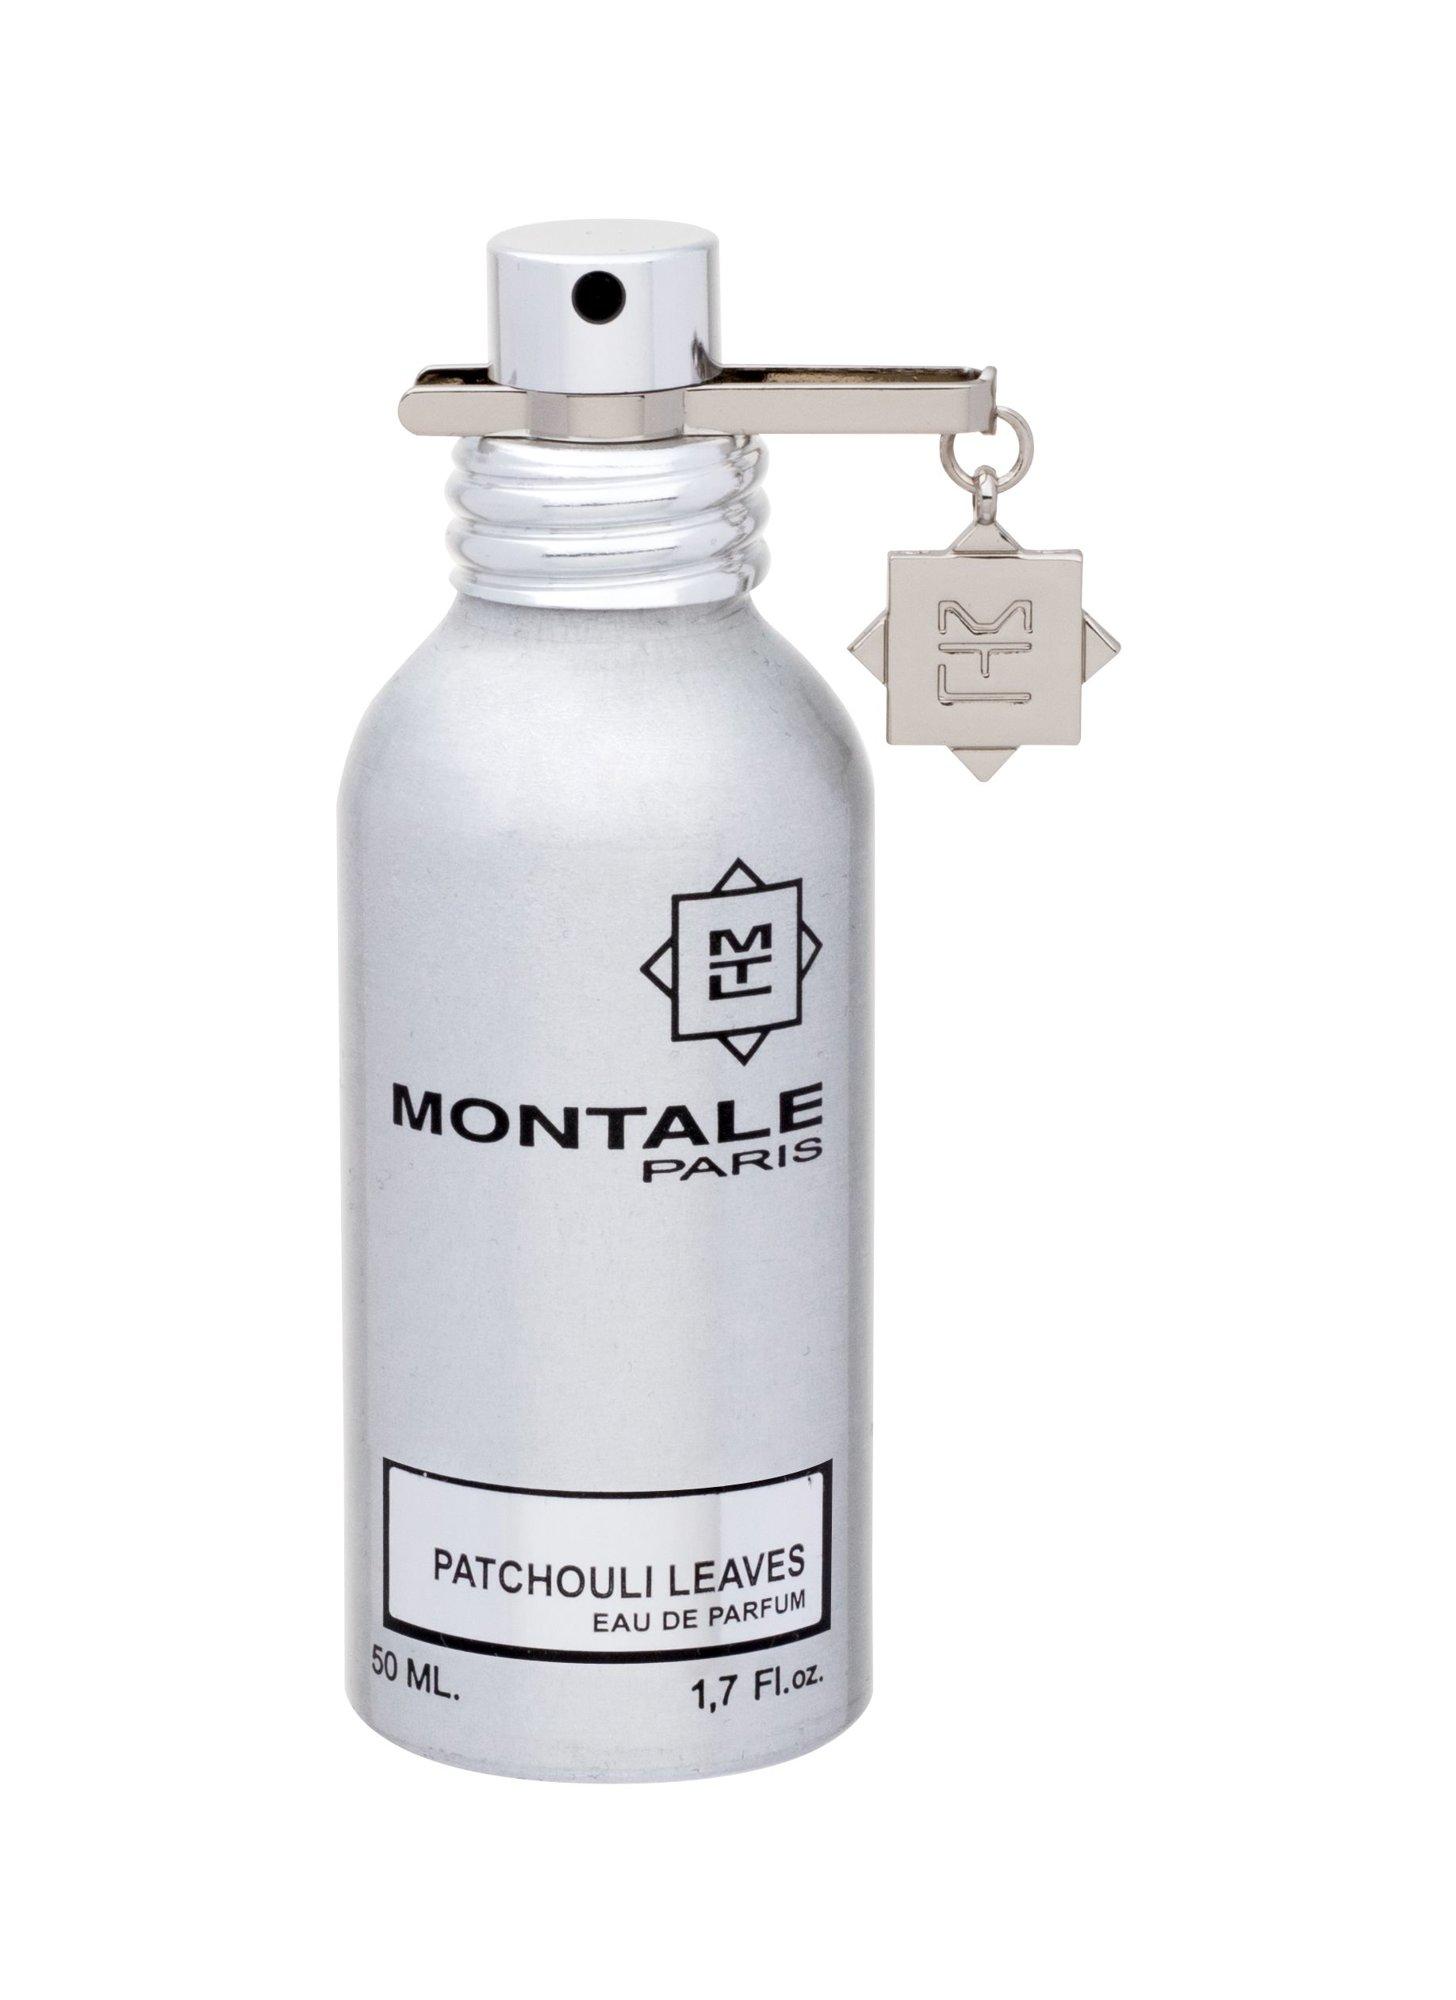 Montale Paris Patchouli Leaves EDP 50ml